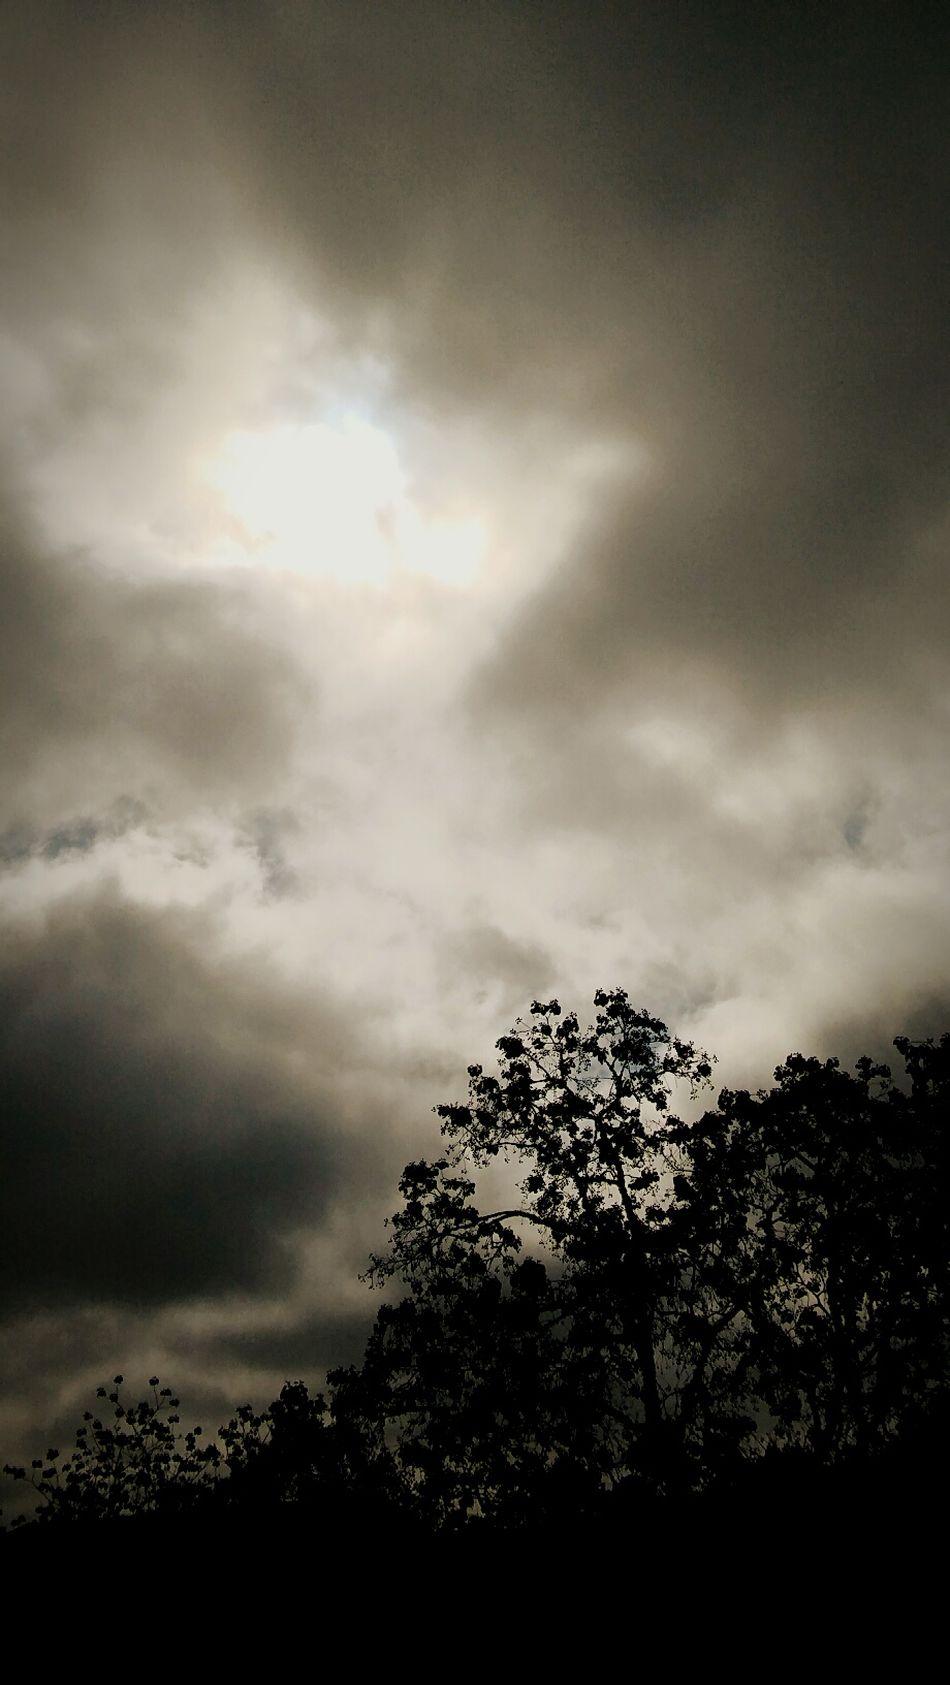 Cloud - Sky Eyeindasky Beauty In Nature Fulllength Eyeemnaturelover EyeEmBestShot's Outdoors Full Length